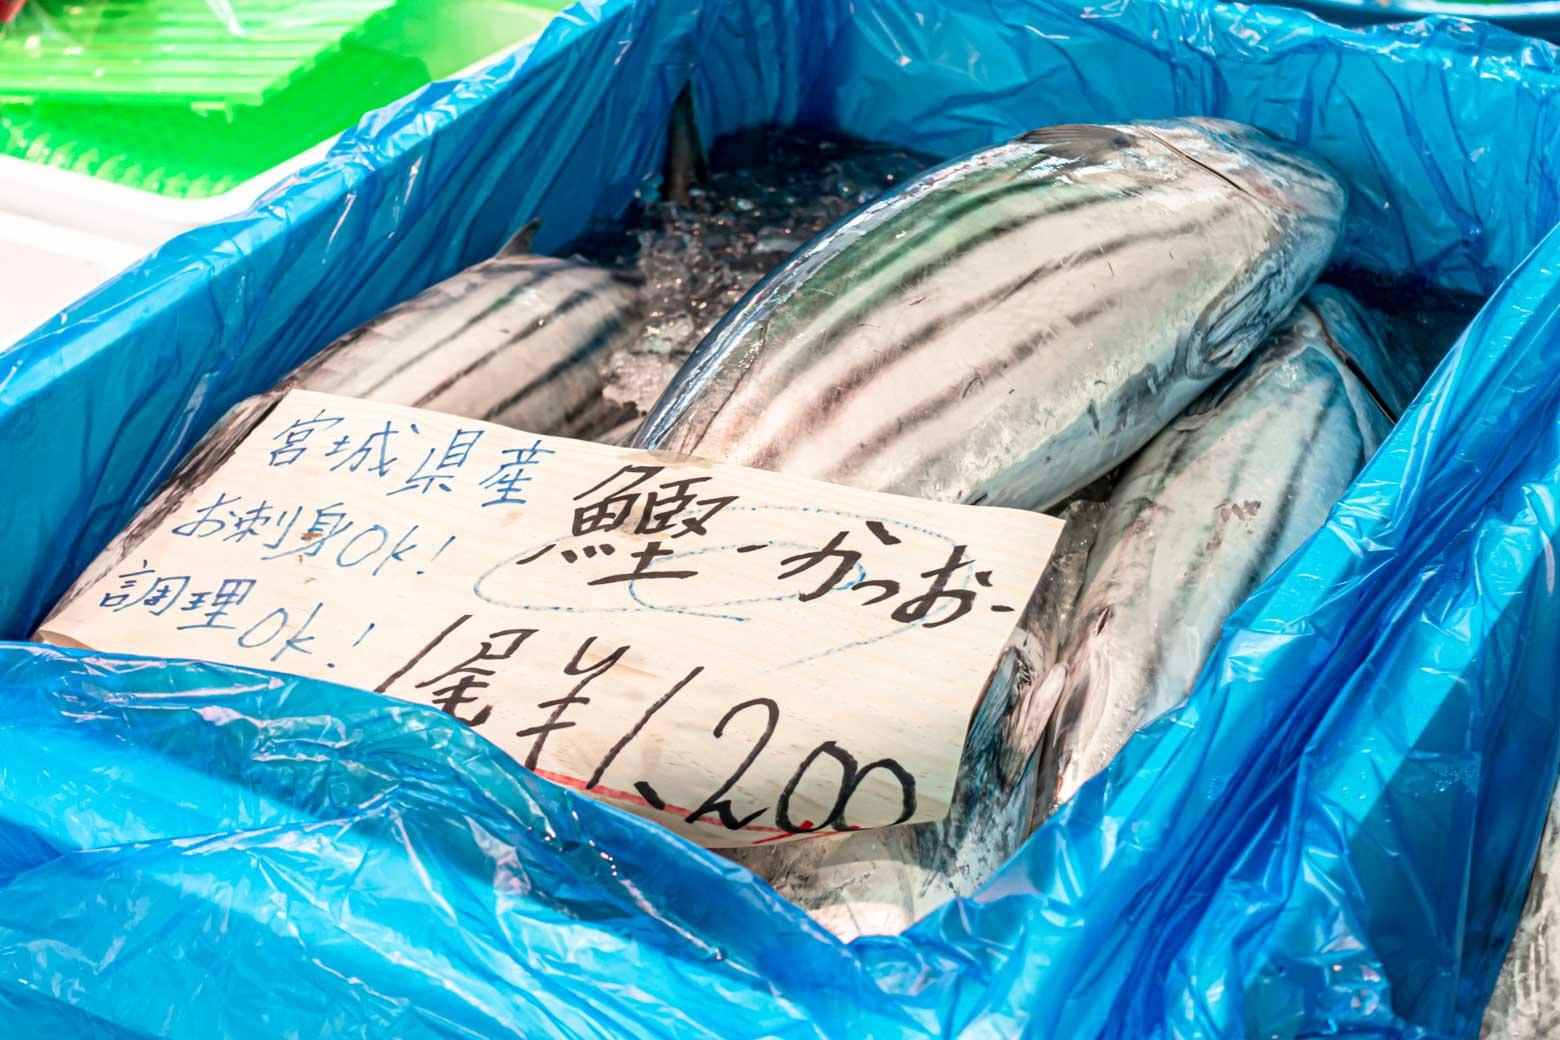 新鮮な食材をお手頃価格で買い求めることができます。ハマのアメ横という異名はダテではありません。